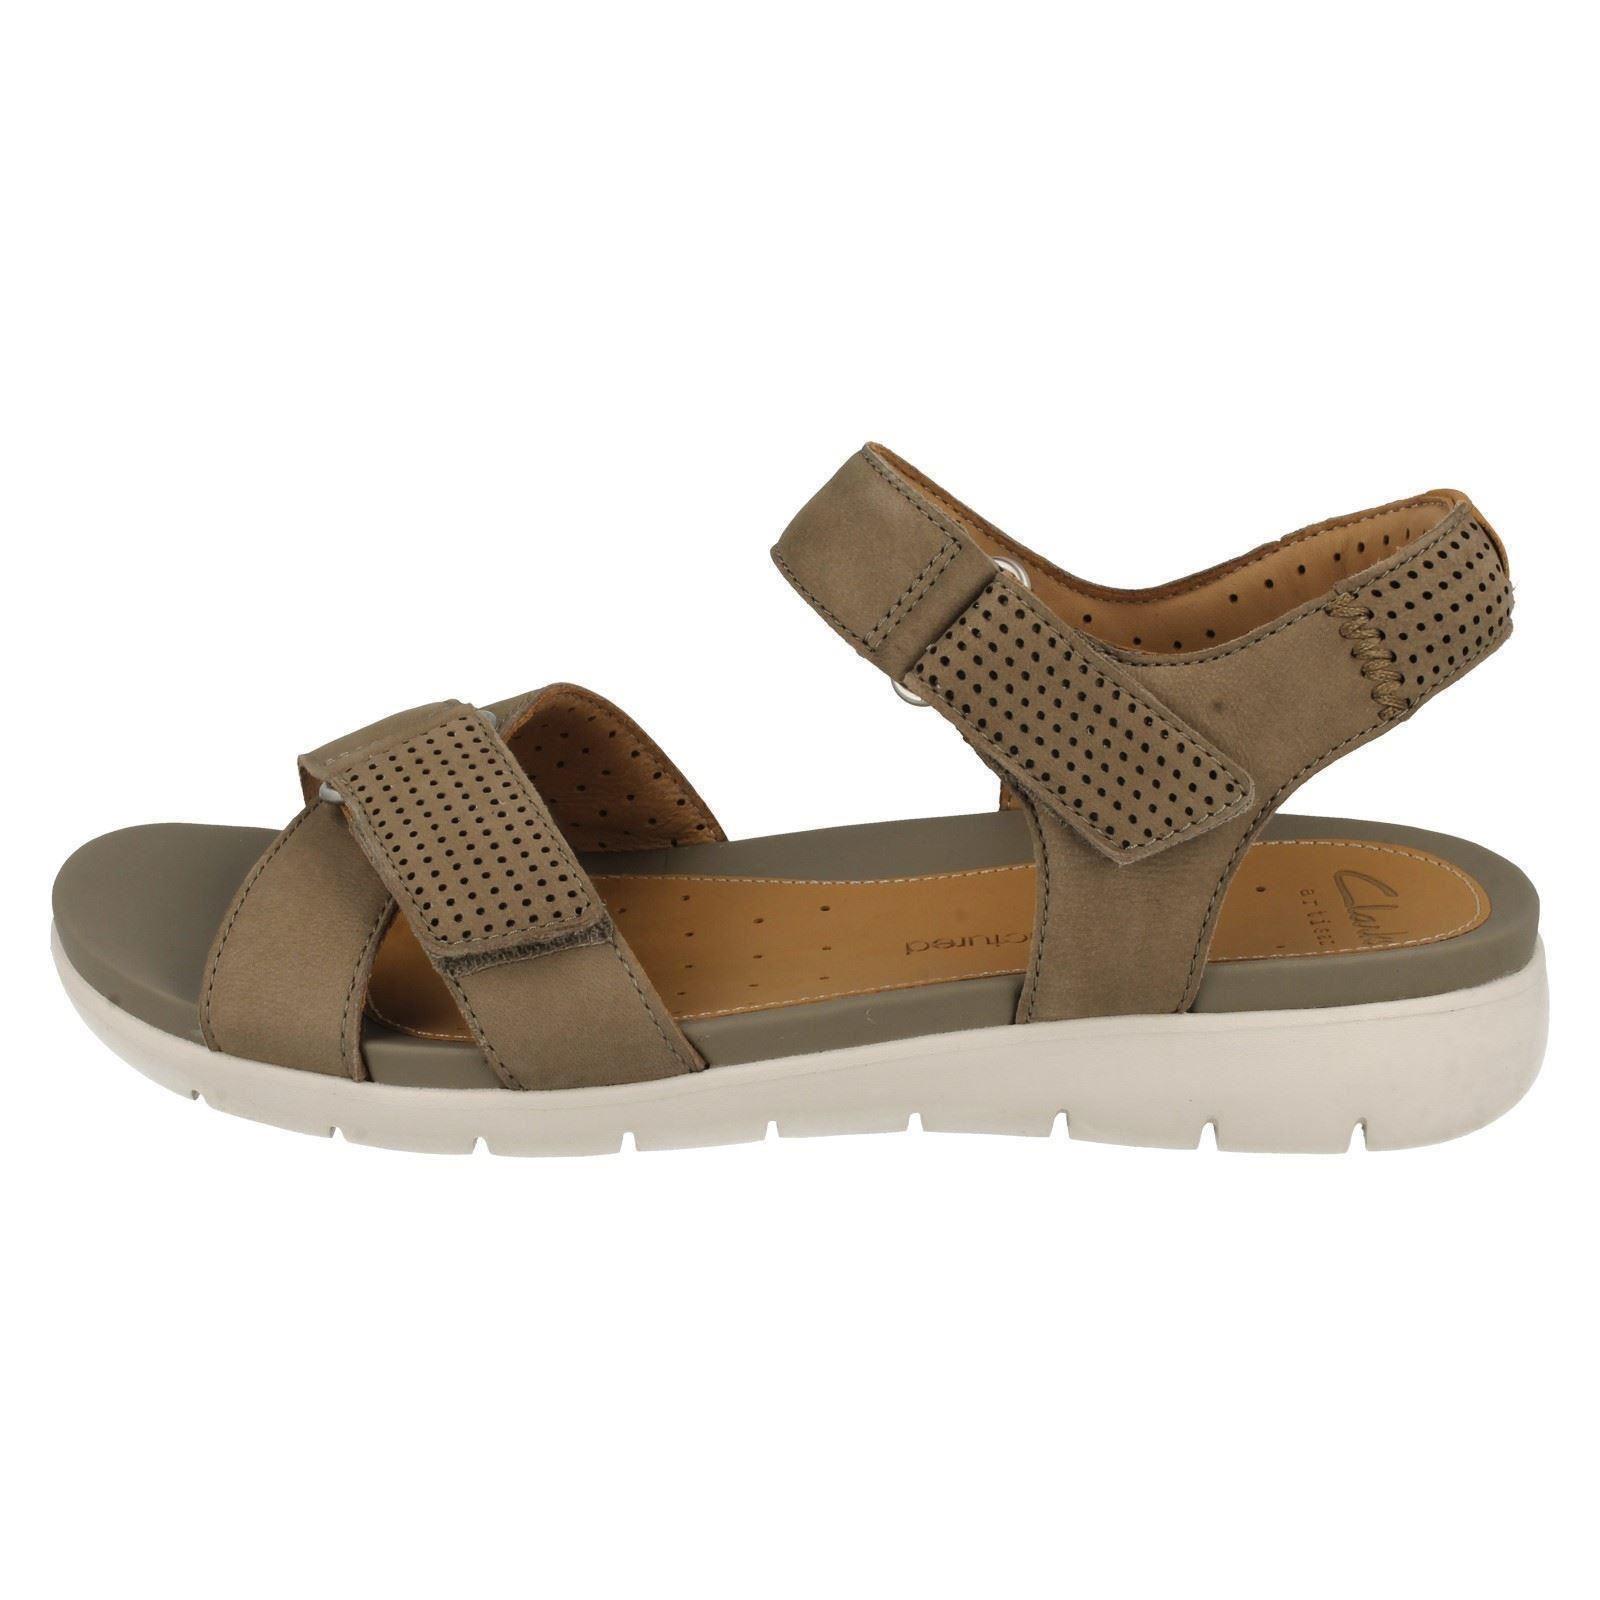 3c197ff8306e Ladies-Clarks-Casual-Sandals-Un-Saffron thumbnail 4